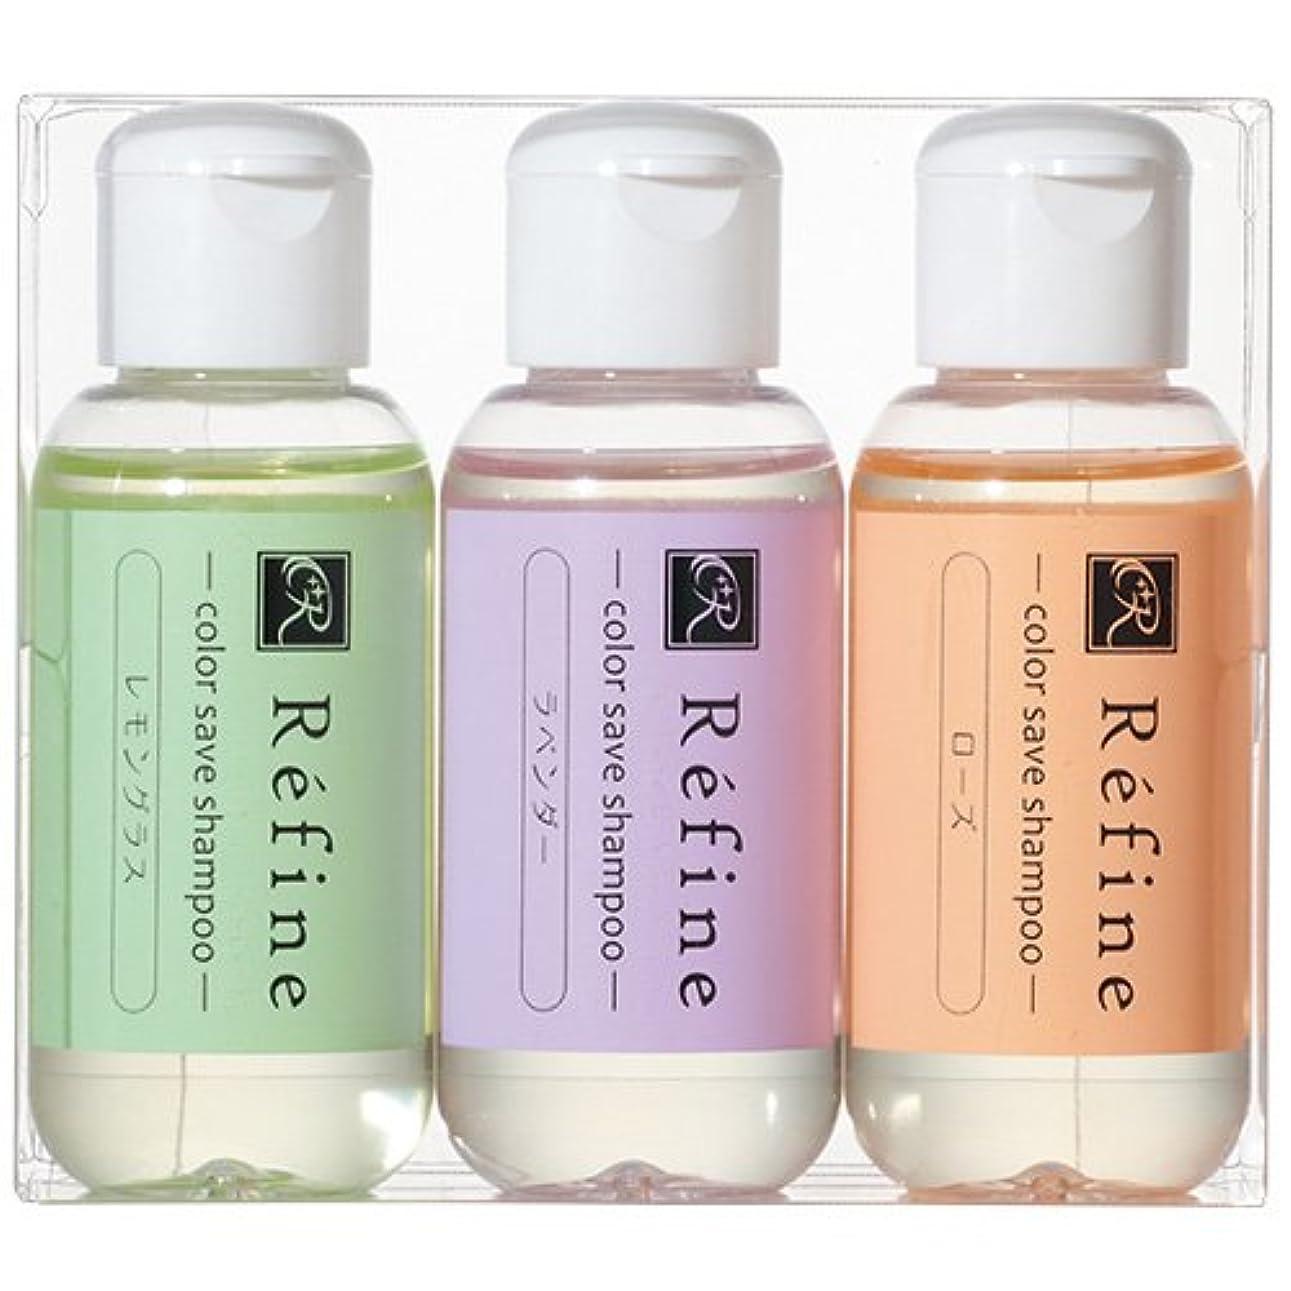 マイコン日常的に生きているレフィーネ カラーセーブシャンプー 40mL×3 (3種の香り)